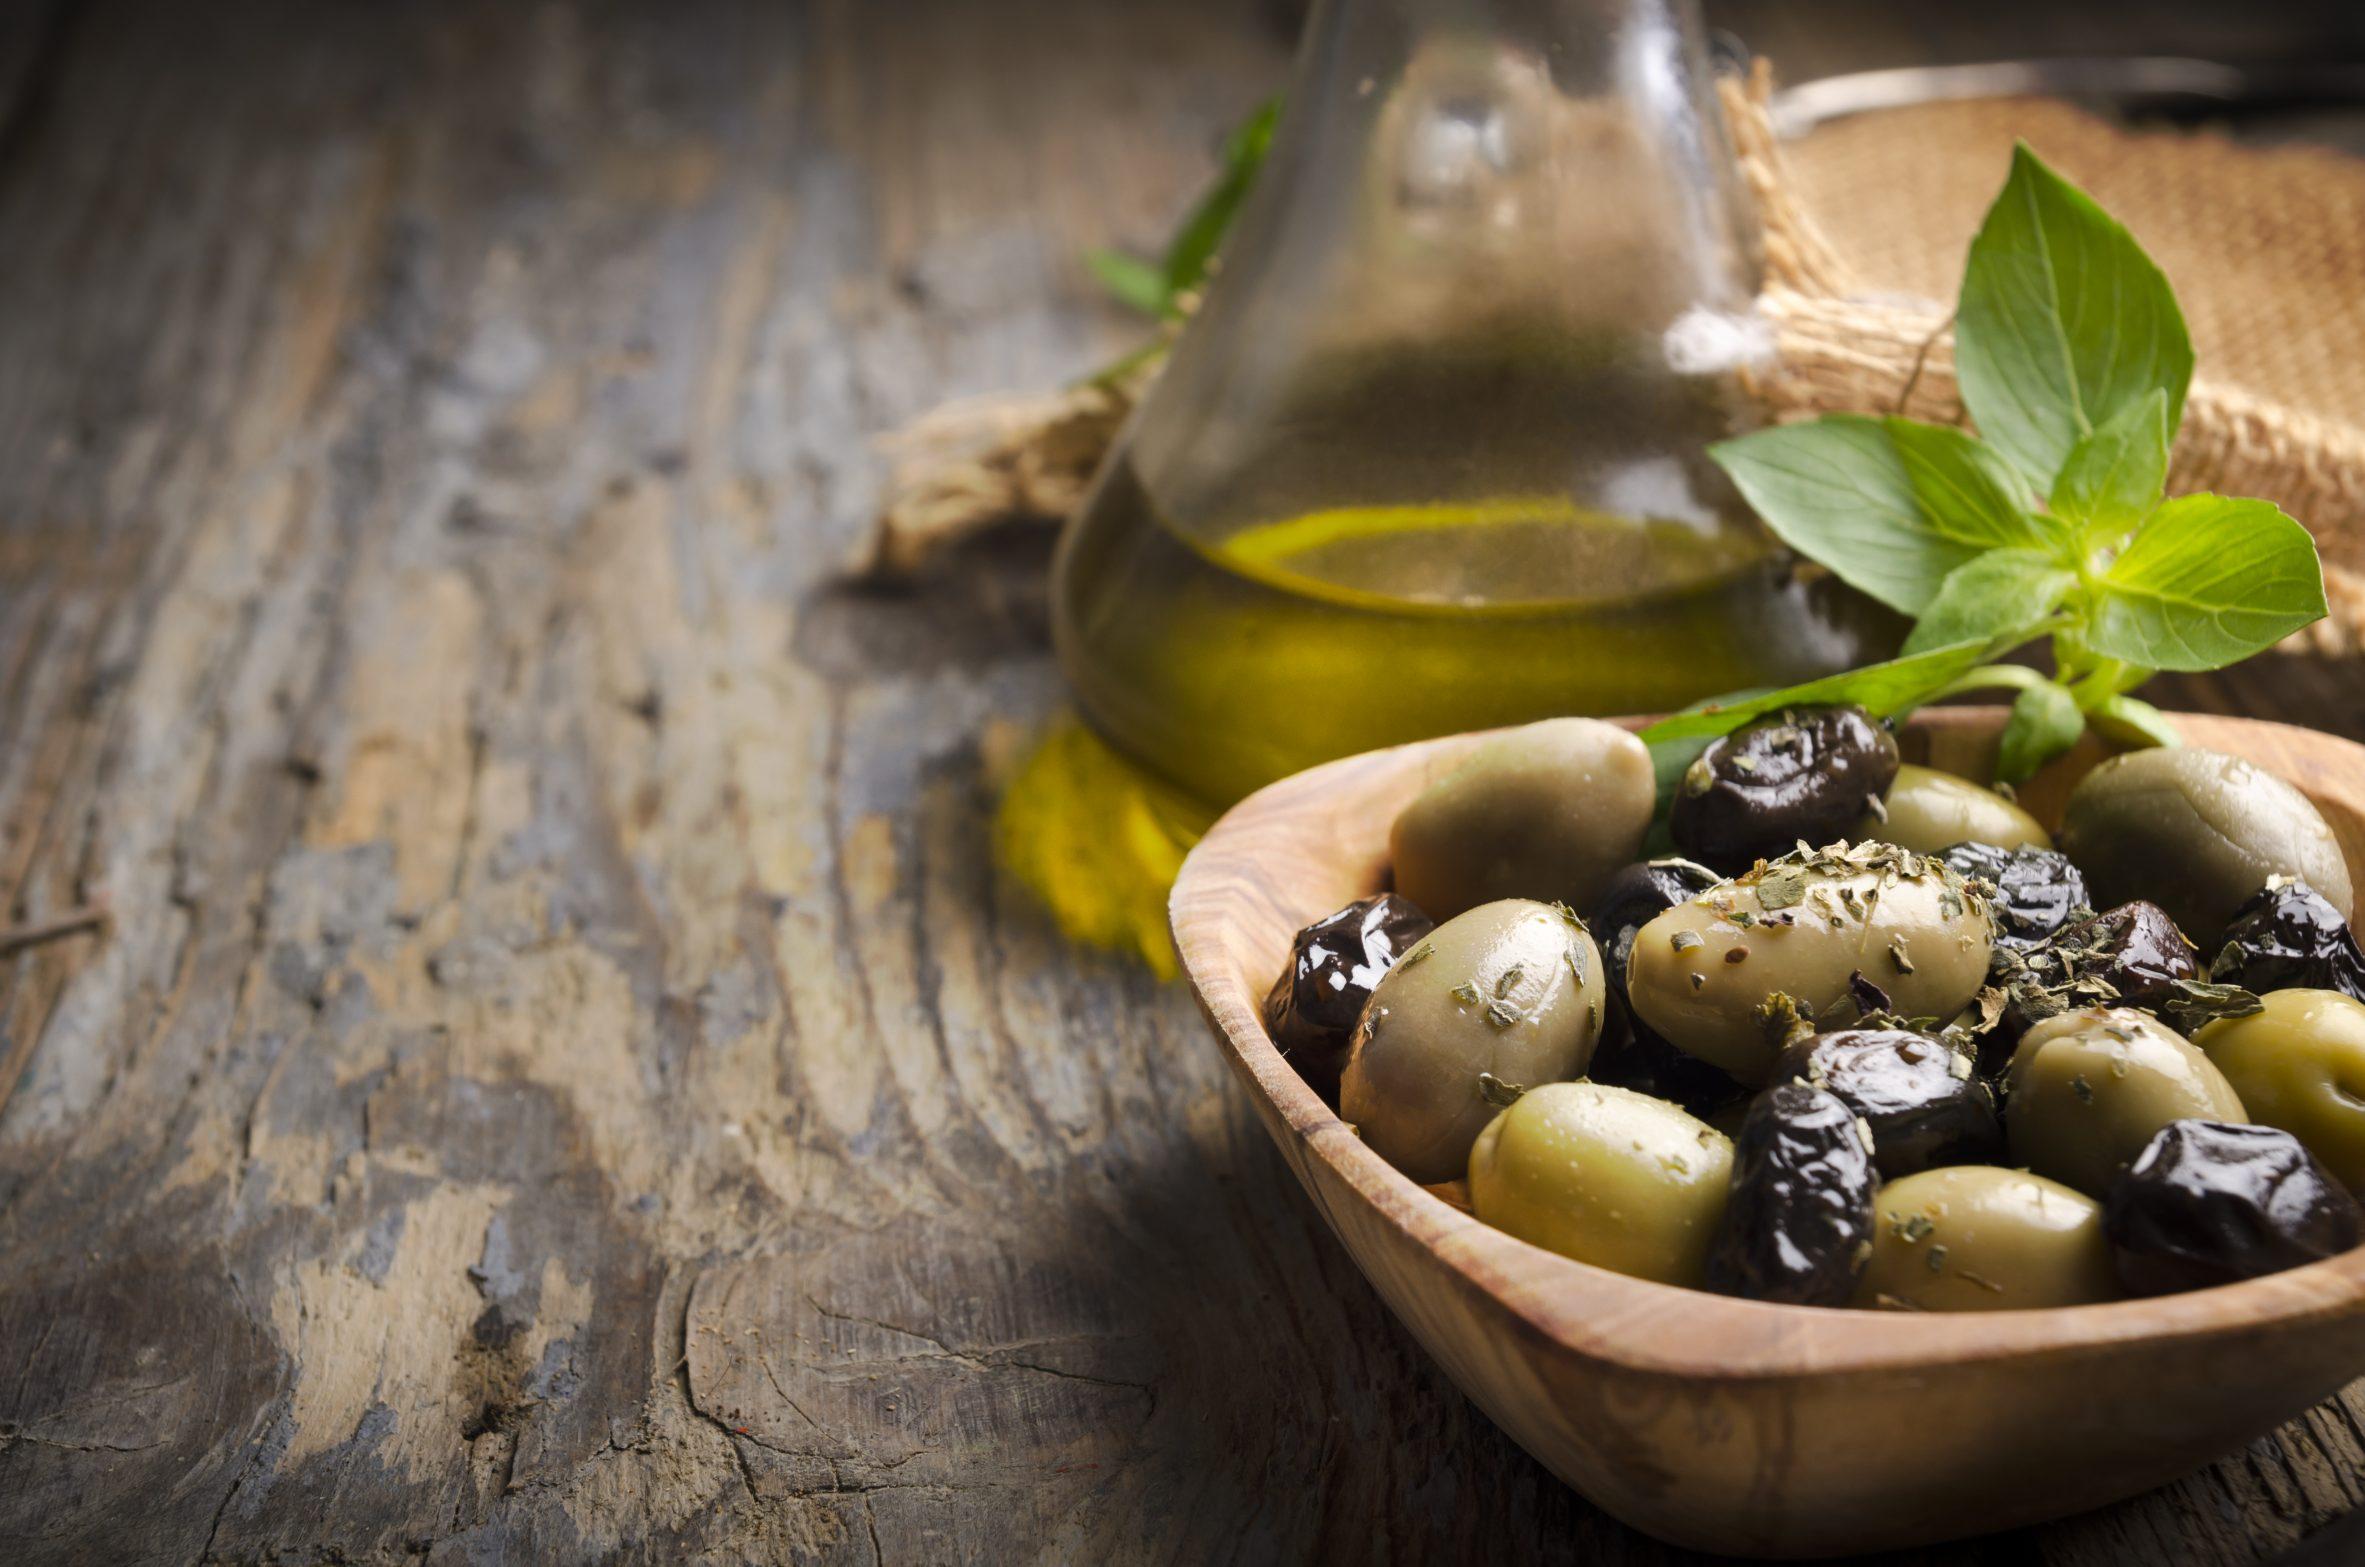 Come è composto un buon Olio Extravergine d'Oliva?